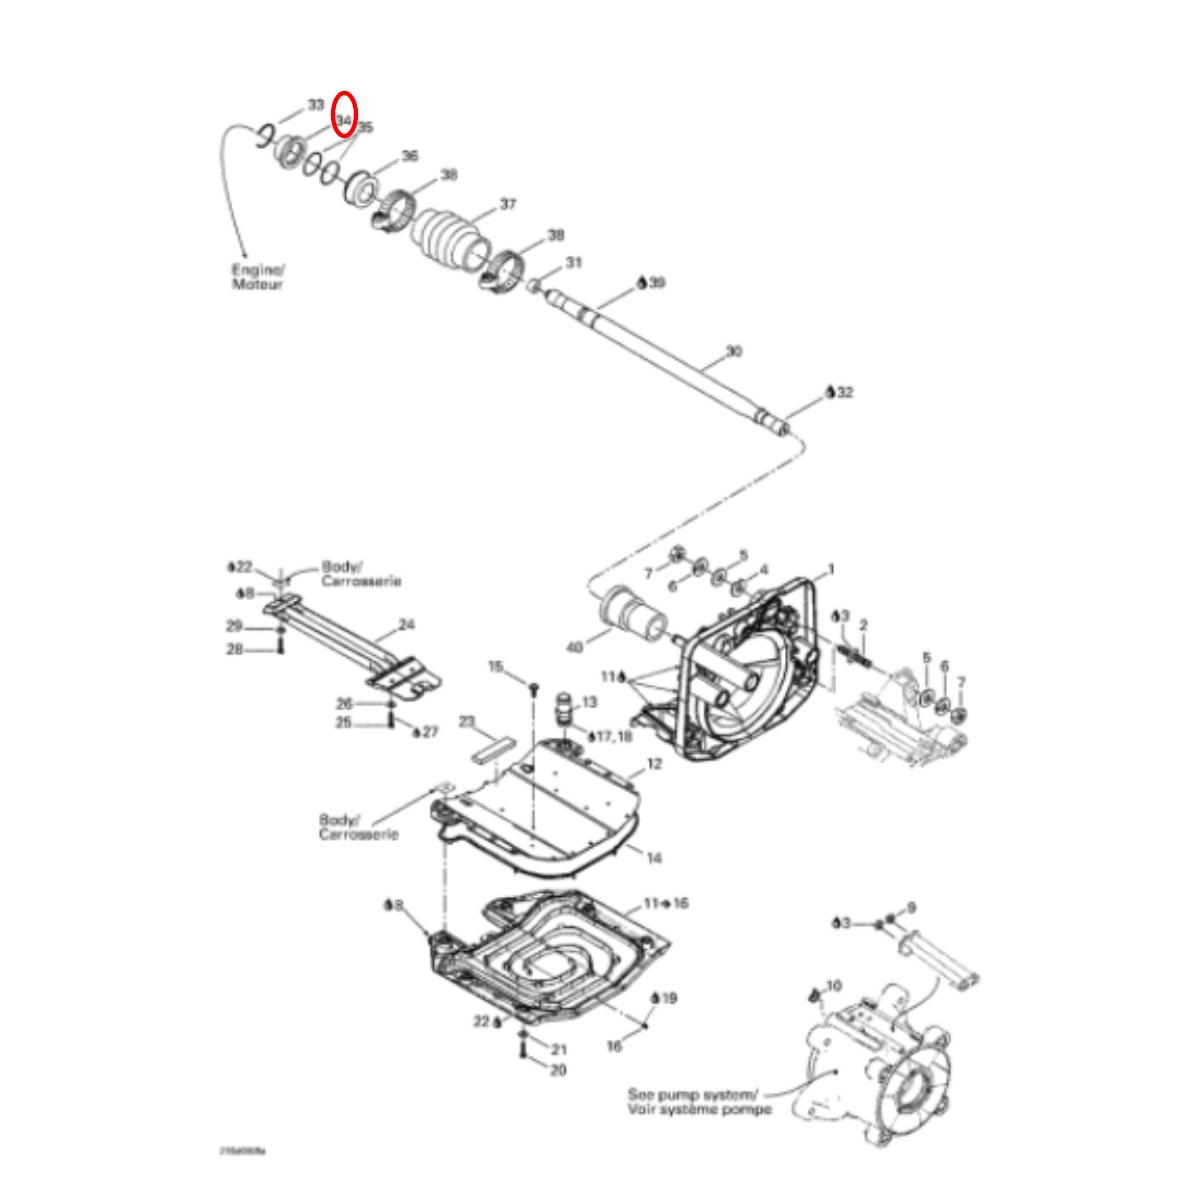 Anel de Carbono Jet Ski Sea Doo 4 tec Gti,Gtx 31mm WSM  - Radical Peças - Peças para Jet Ski